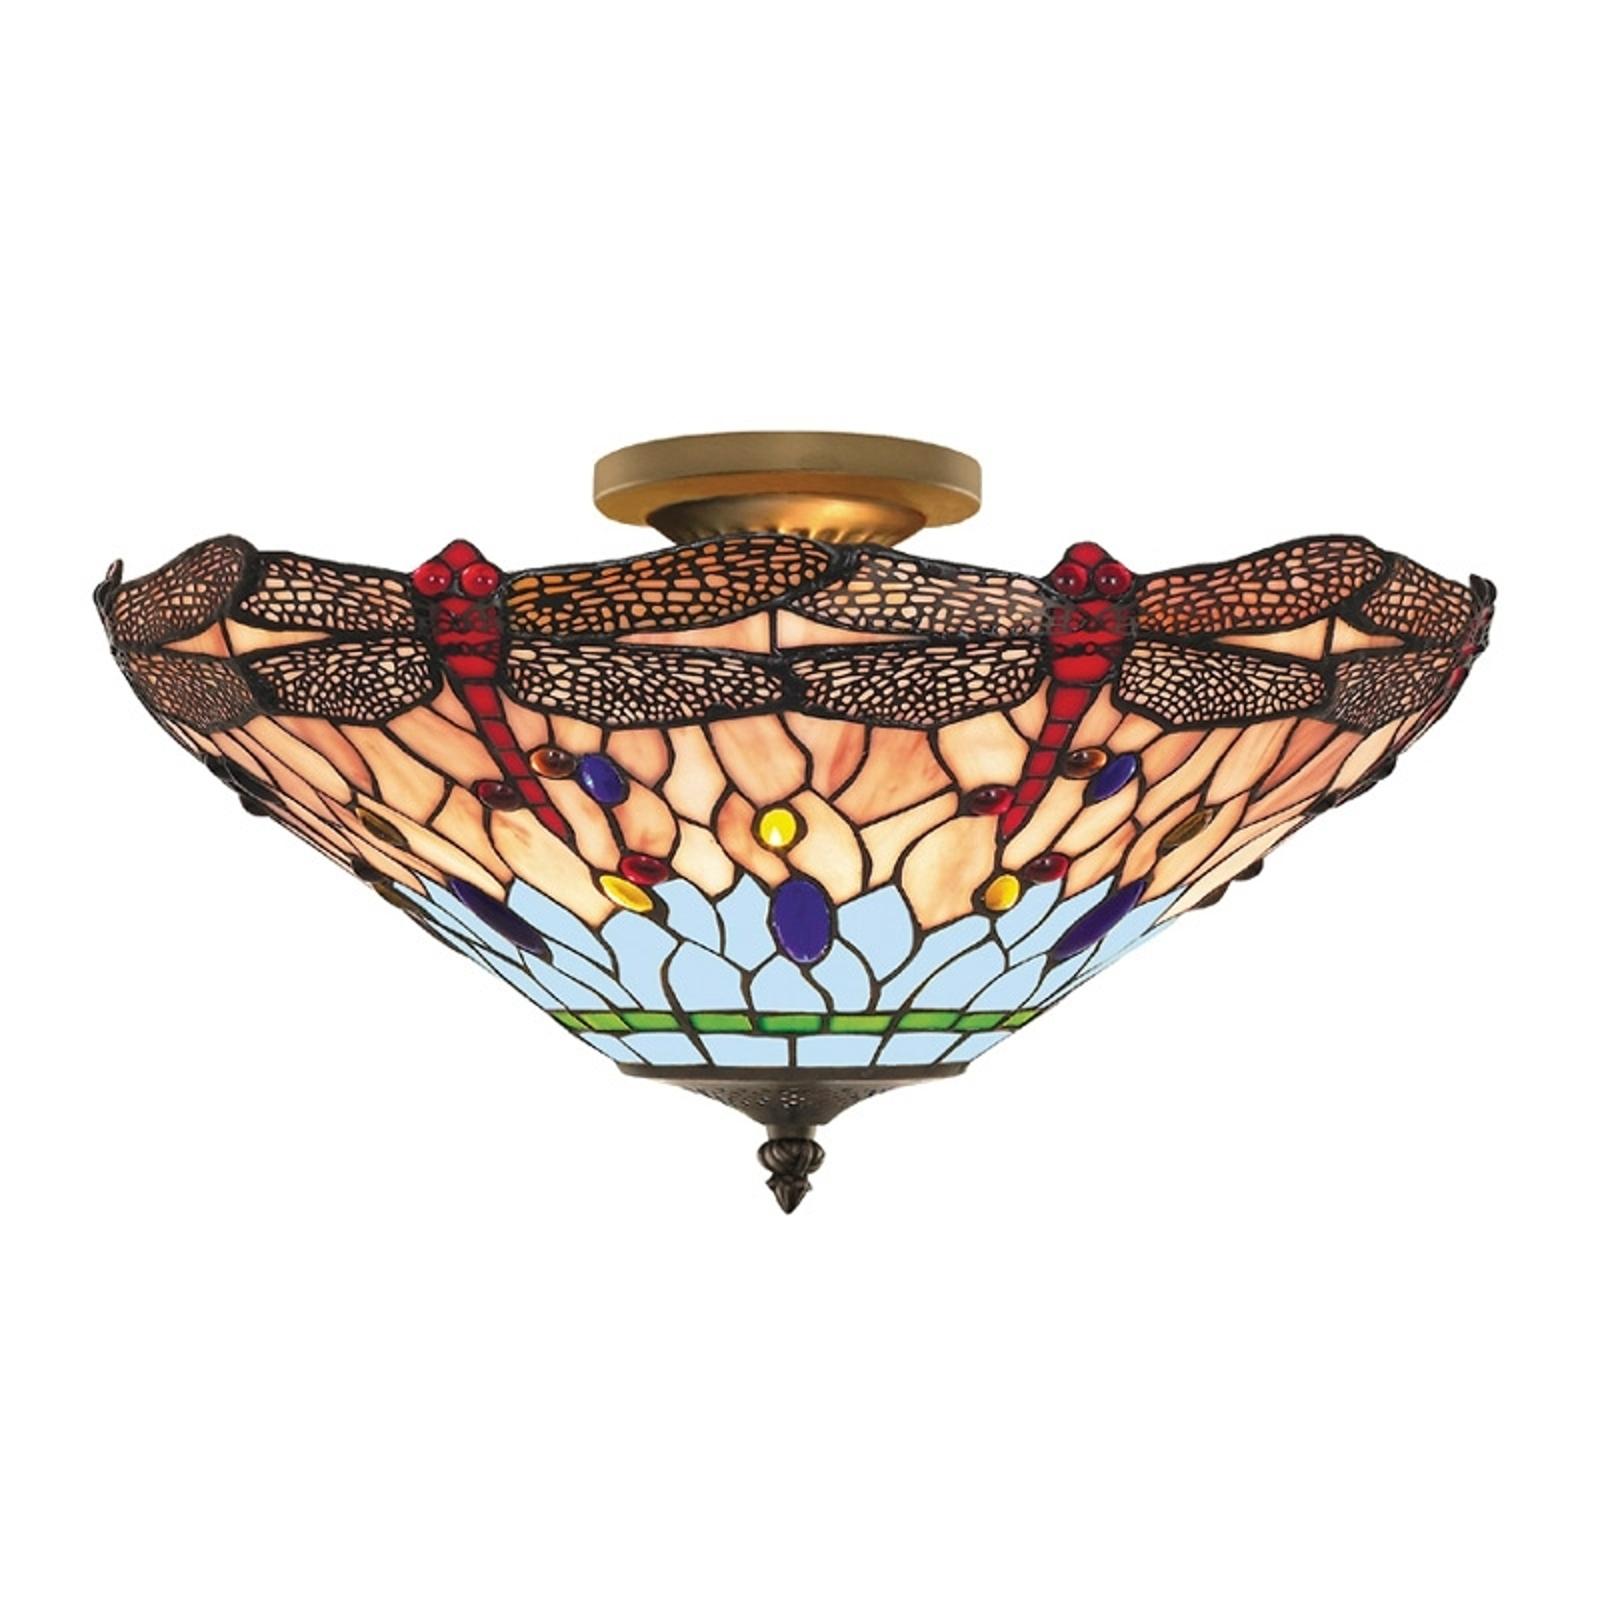 DRAGONFLY - lampa sufitowa w stylu Tiffany